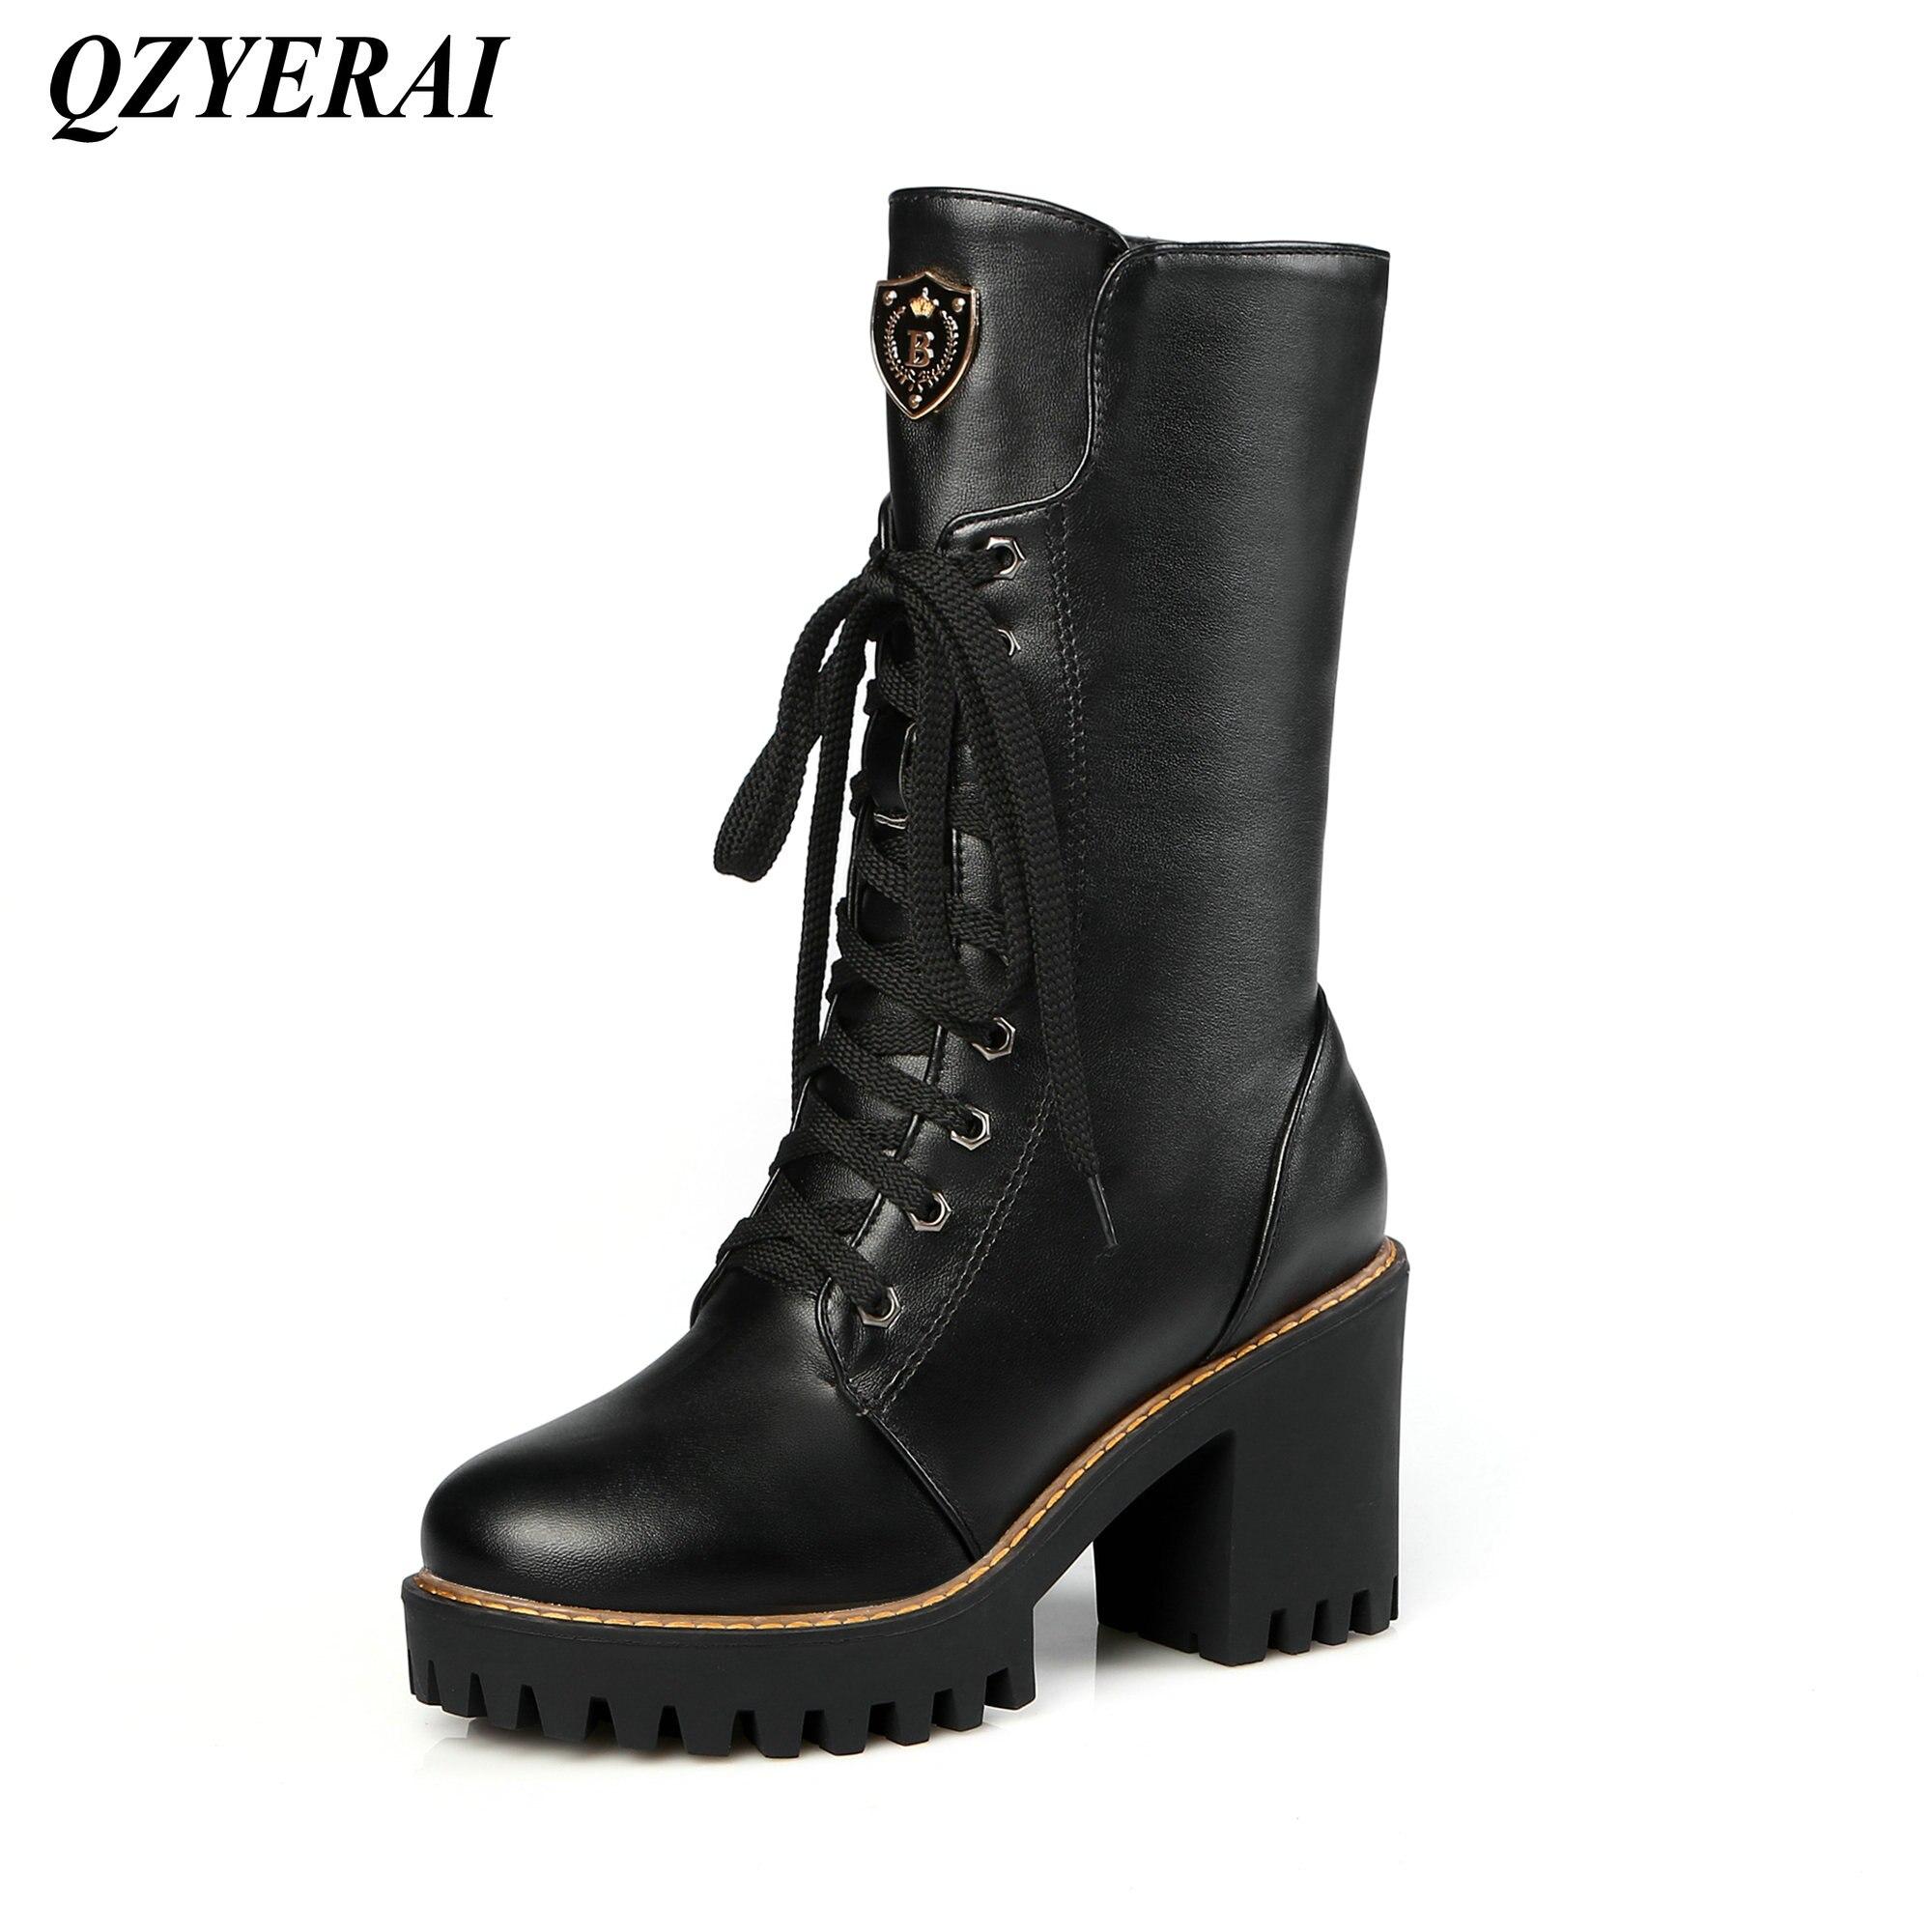 QZYERAI style européen dames moto bottes sangle combinaison haut talon femme bottes mode femmes chaussures